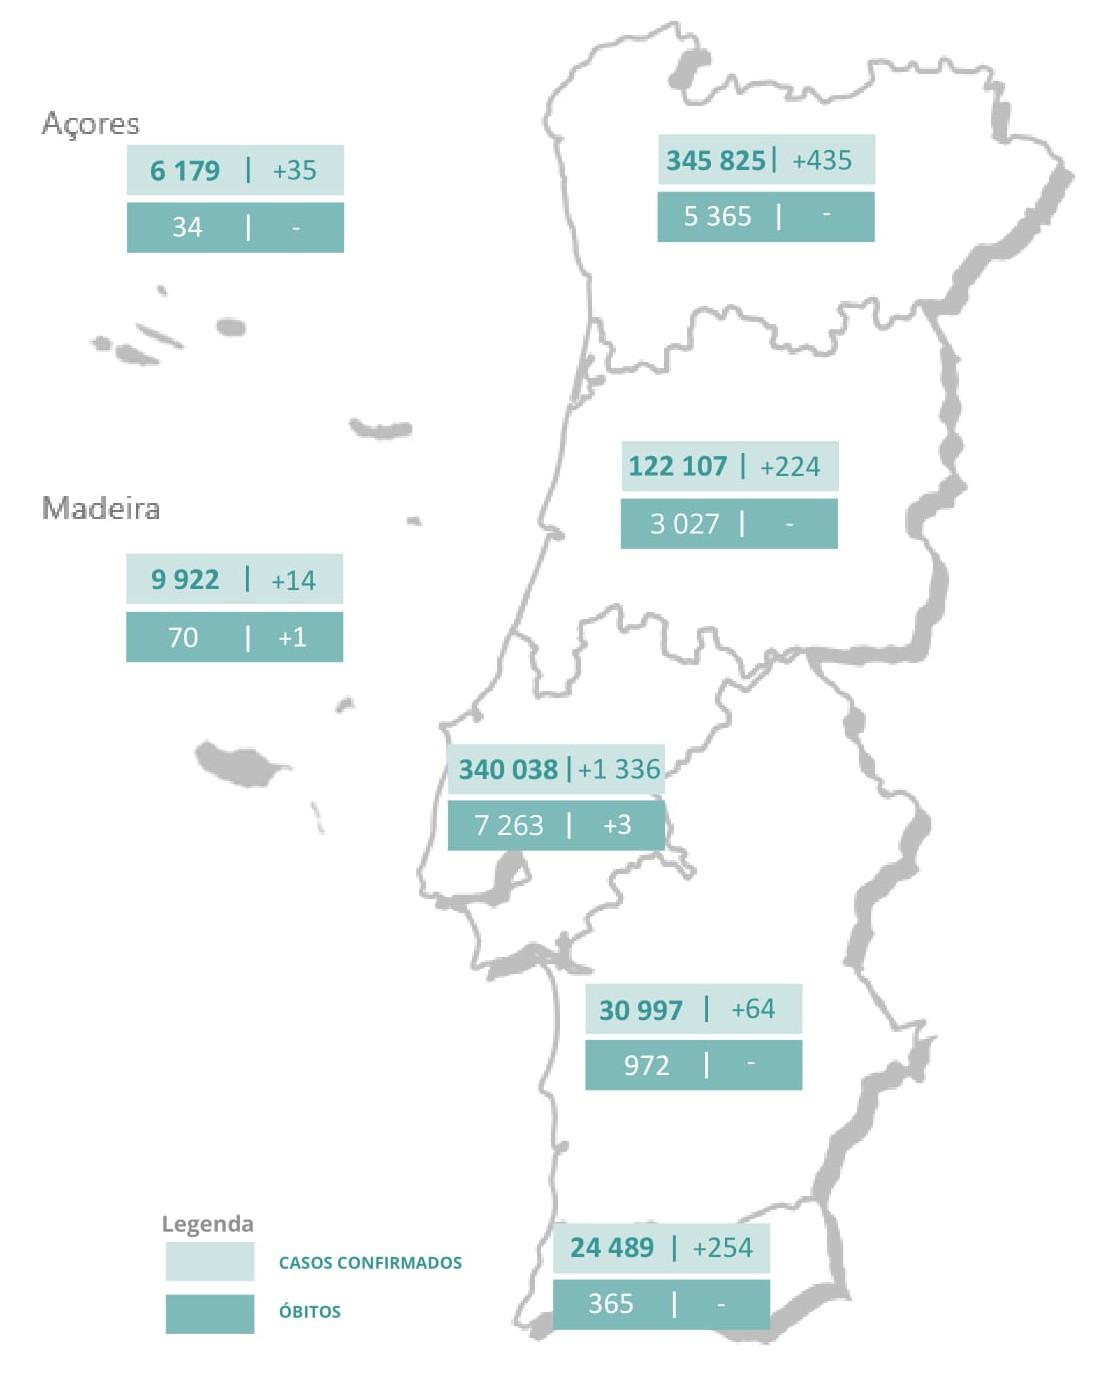 Novos casos passam dos dois mil, mais de metade em Lisboa e 435 no Norte